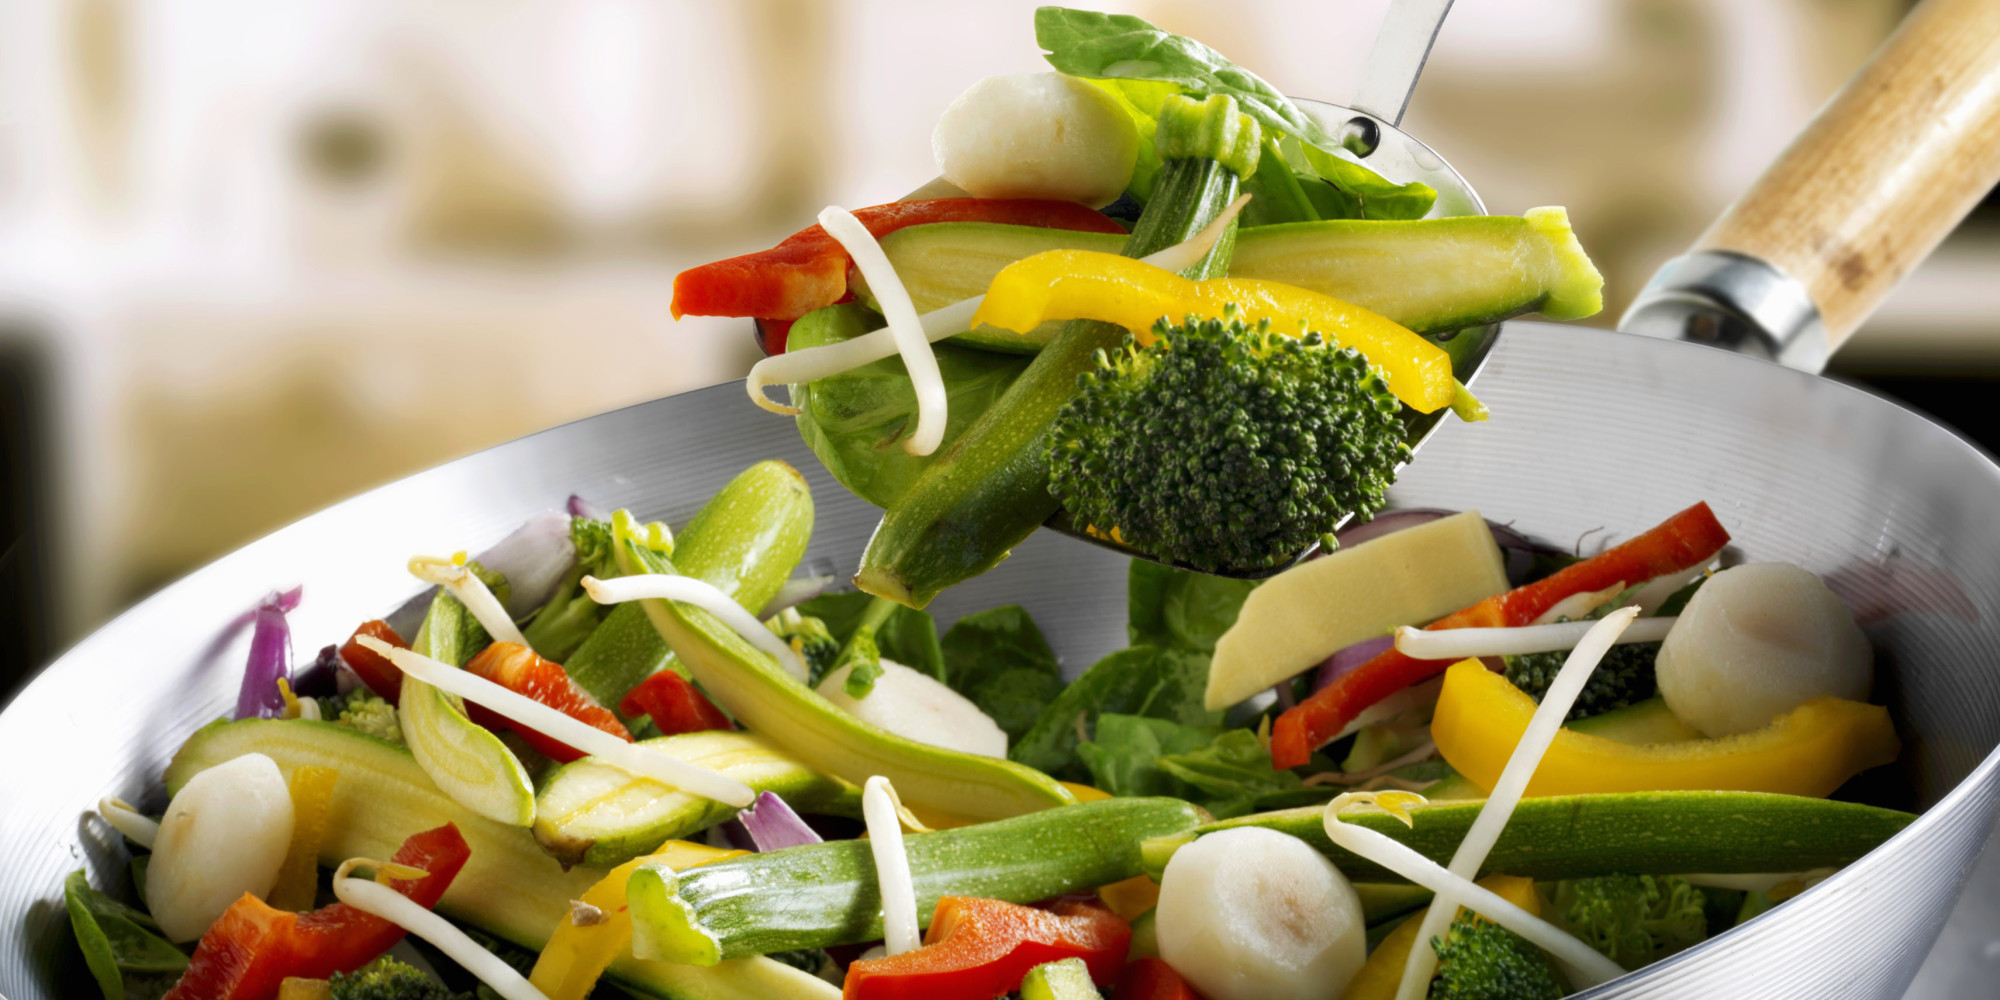 la dieta vegetariana fa male alla salute rischio ansia